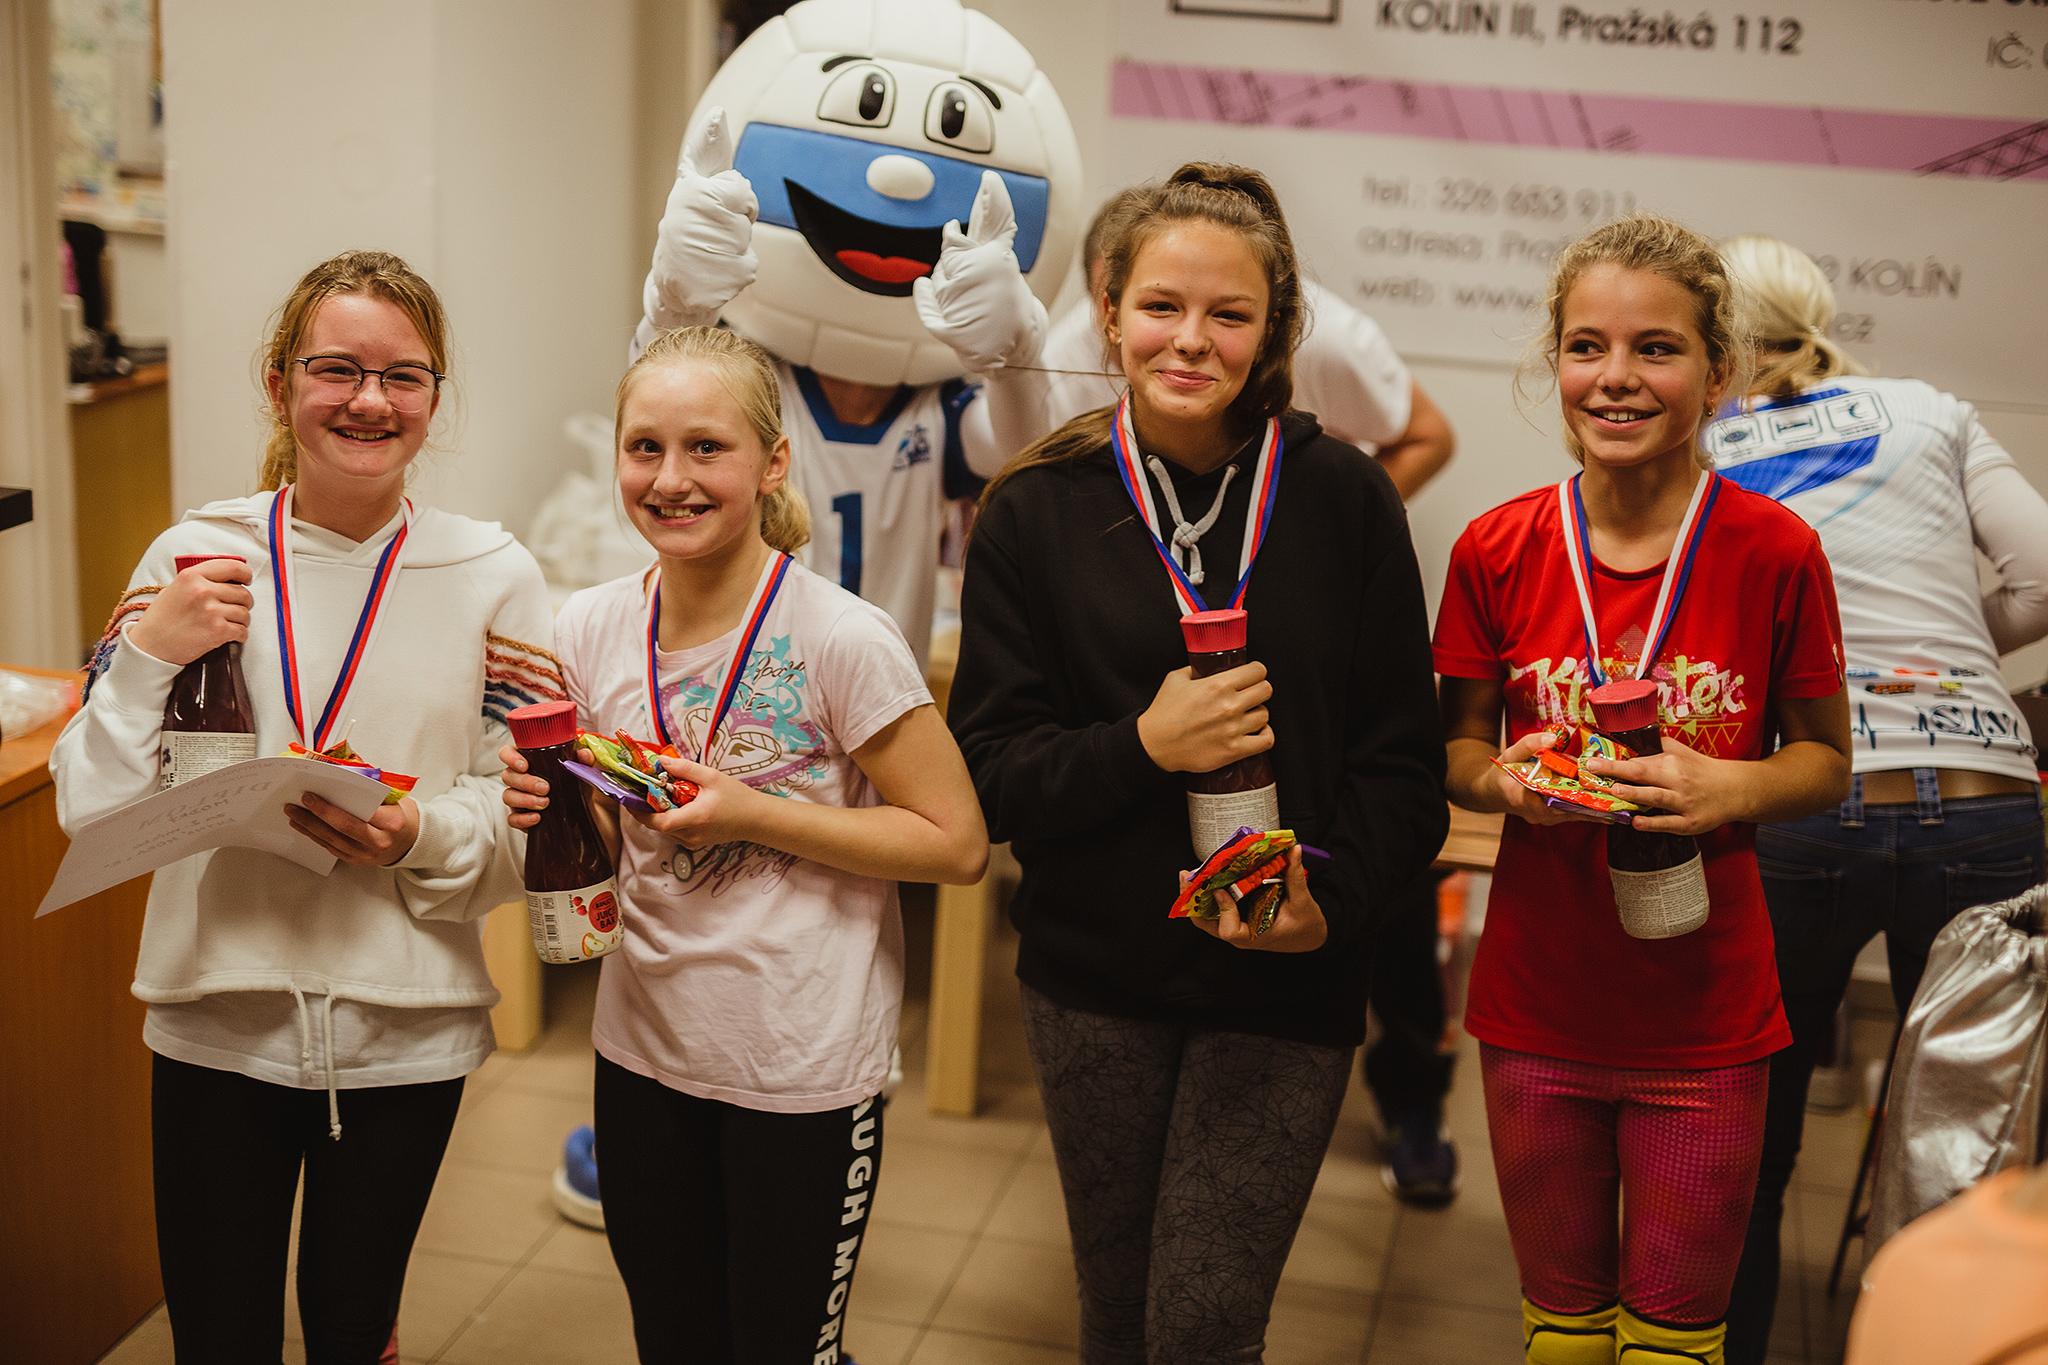 První kolo KP Minivolejbalu je za námi (17.11.2019, Kolín)